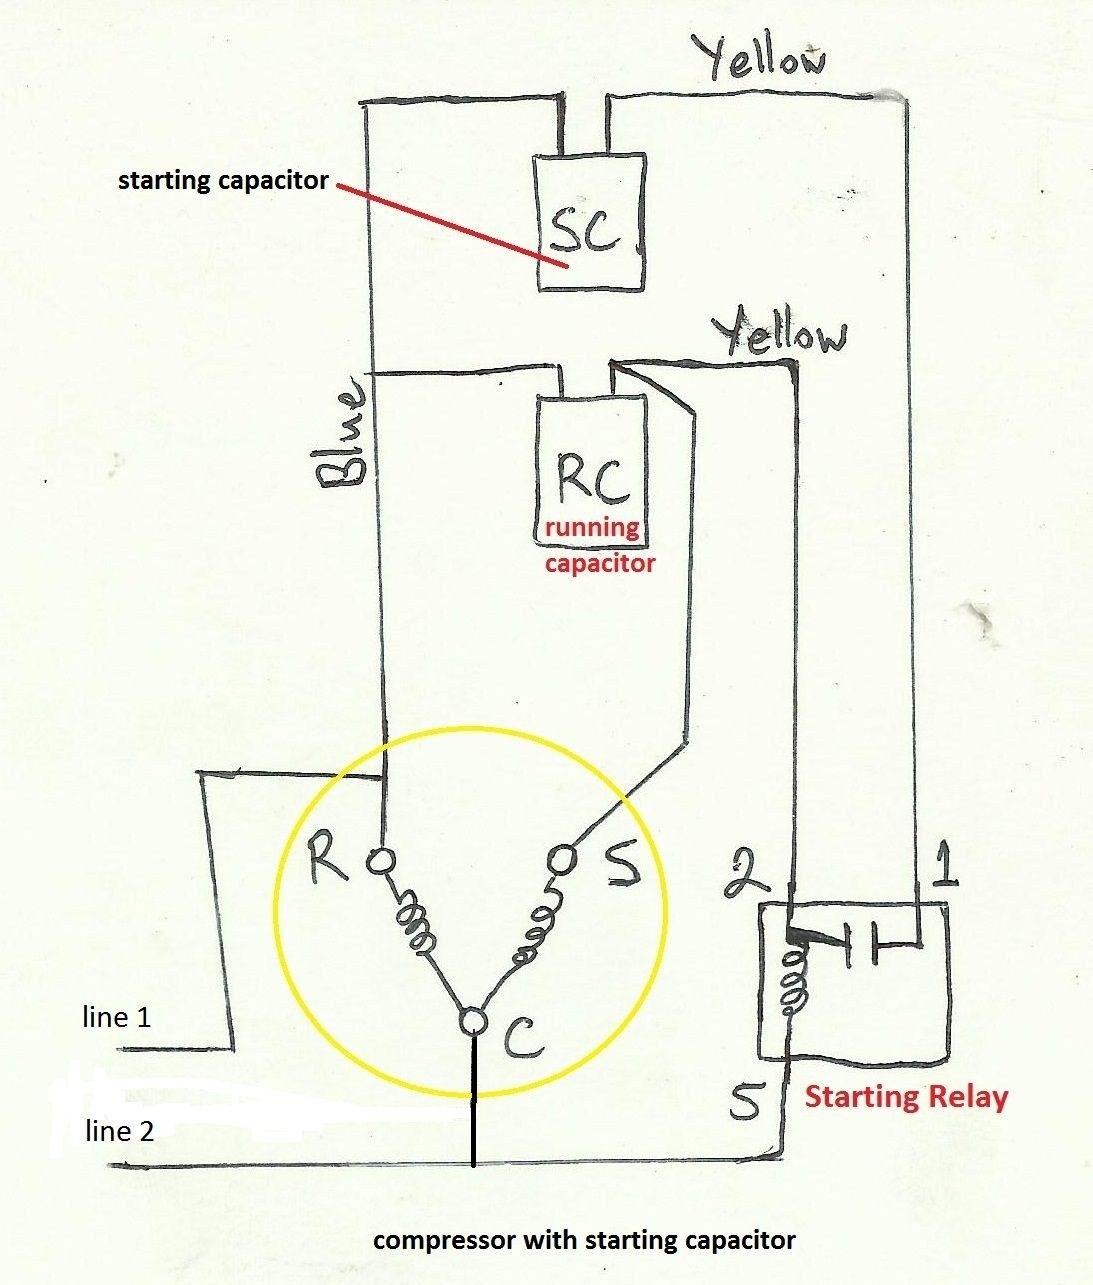 Ge Motor 5kh45 Wiring Diagram Seniorsclub It Visualdraw Field Visualdraw Field Seniorsclub It